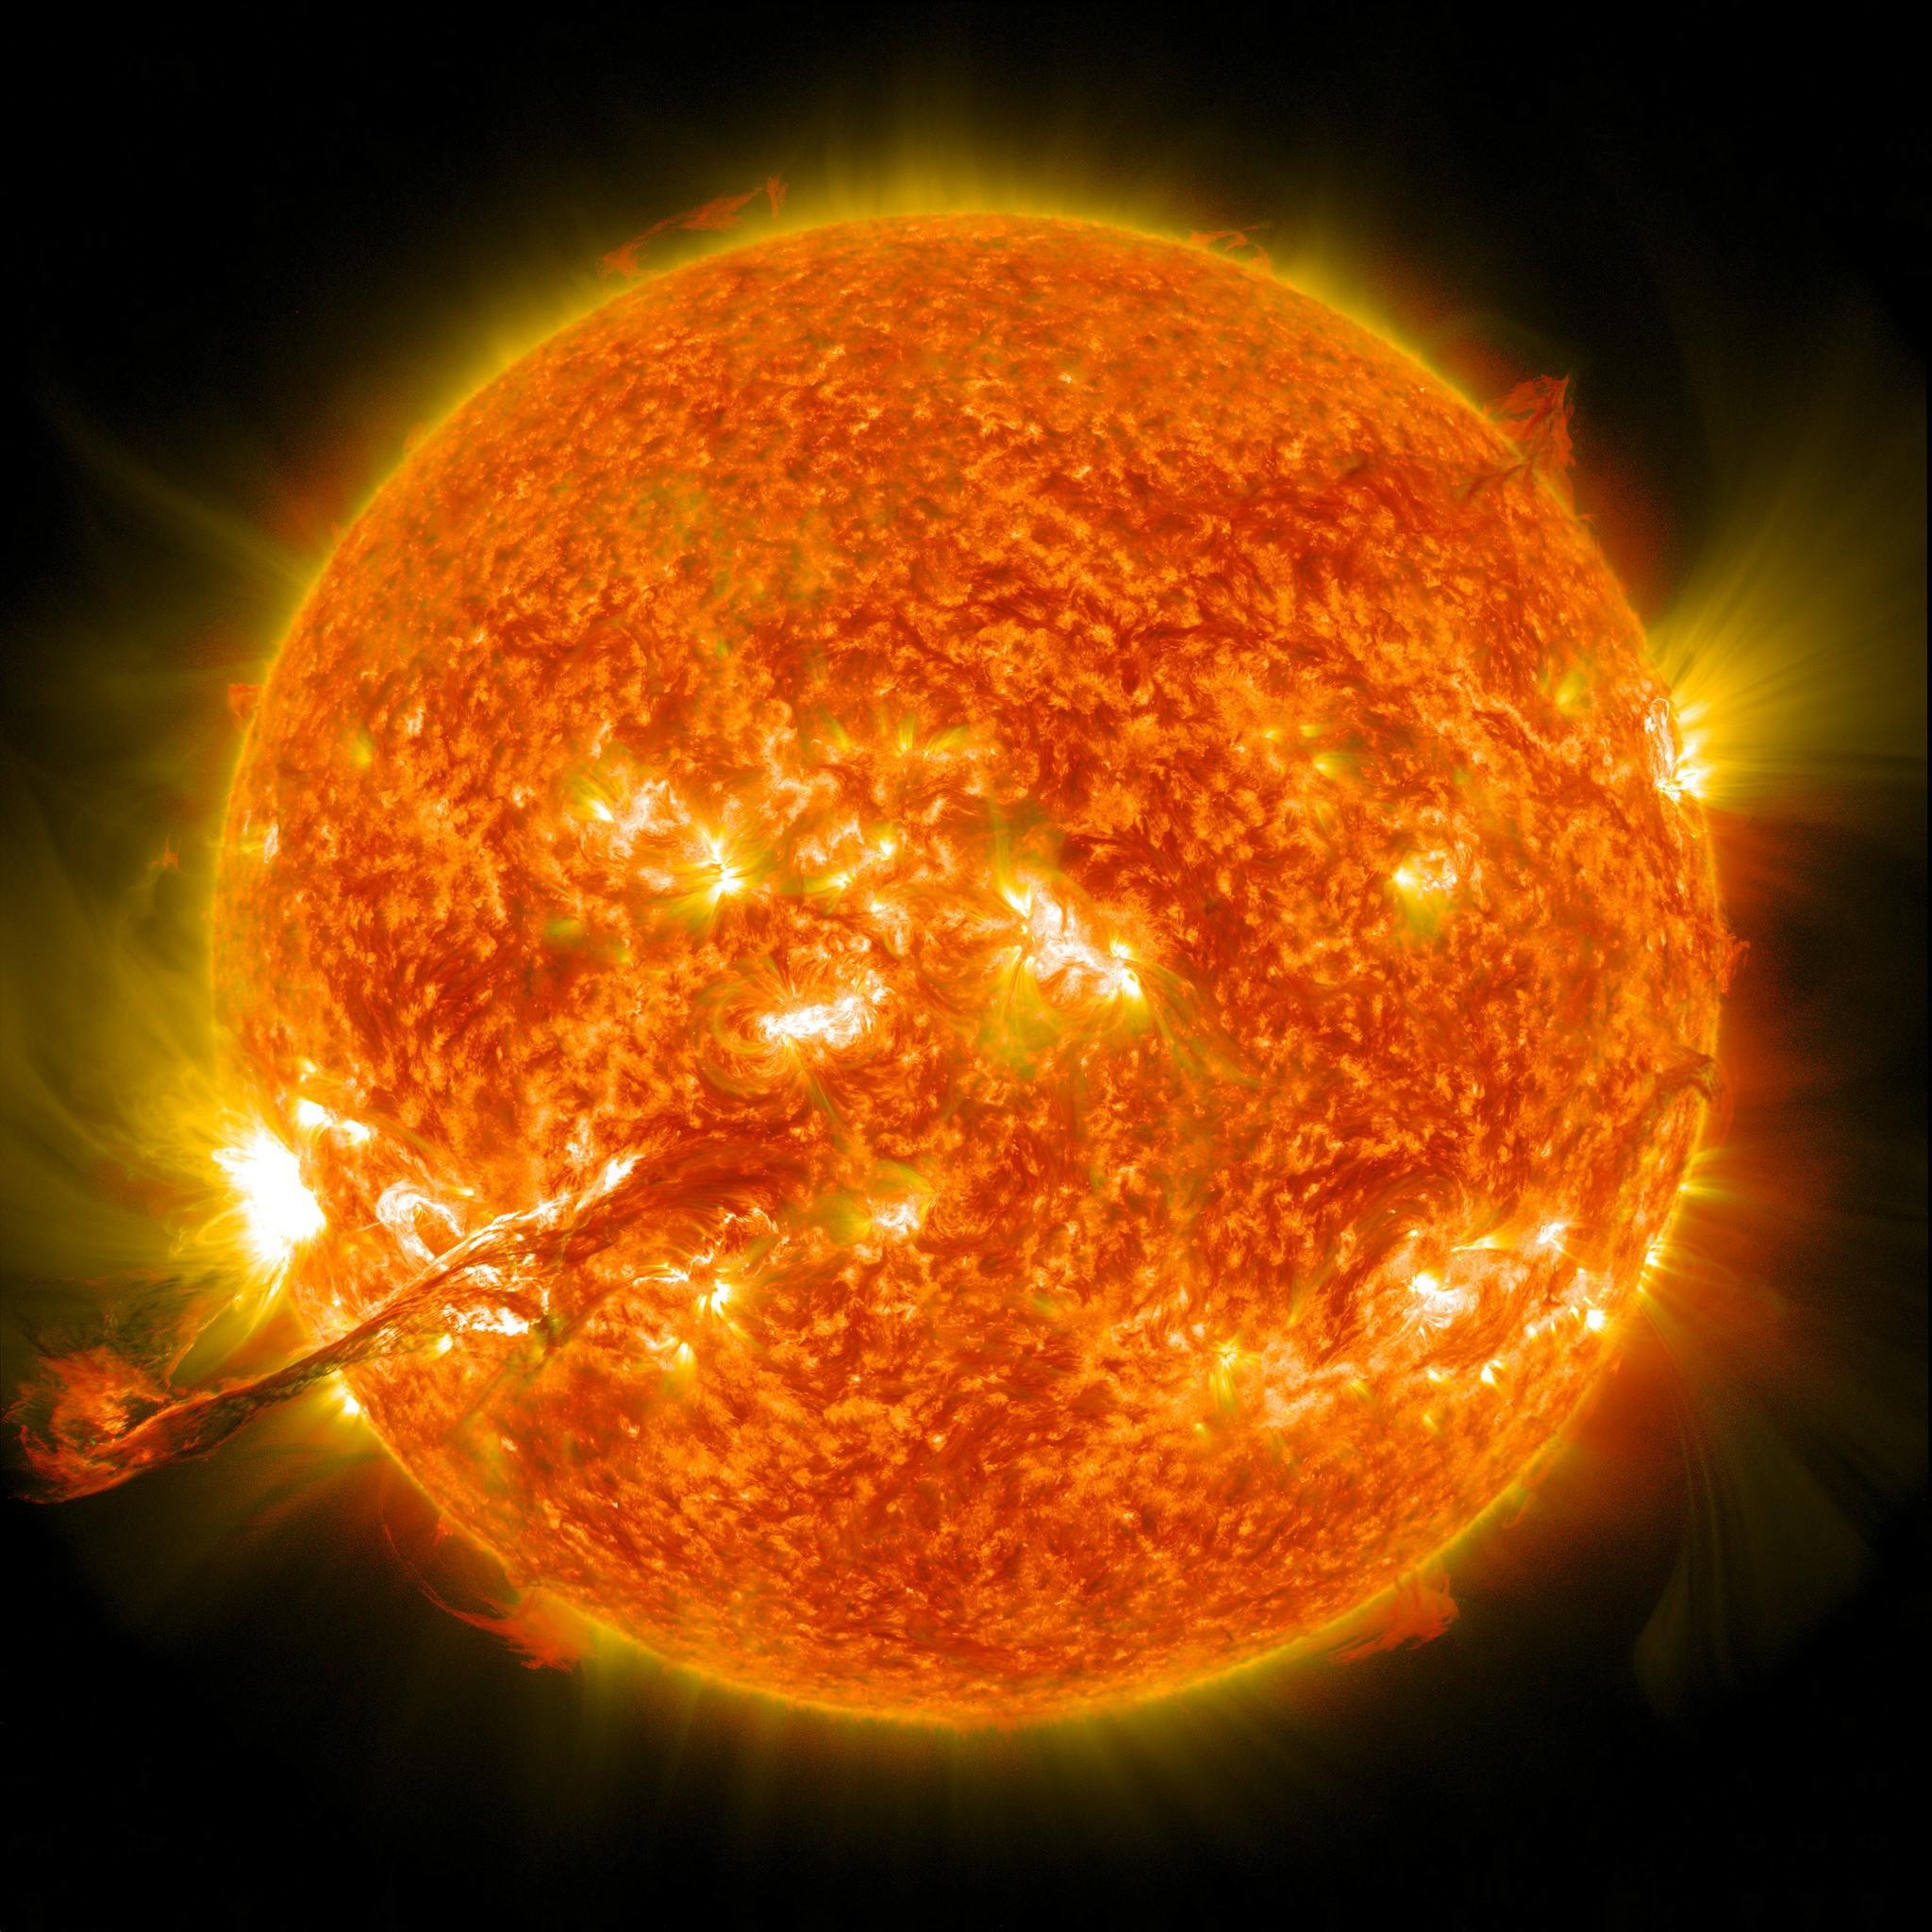 Gêmeo do Sol tem temperatura, tamanho, luminosidade e outras semelhanças com o Sol do Sistema Solar (Foto: Flickr/NASA on the Commons/Creative Commons)